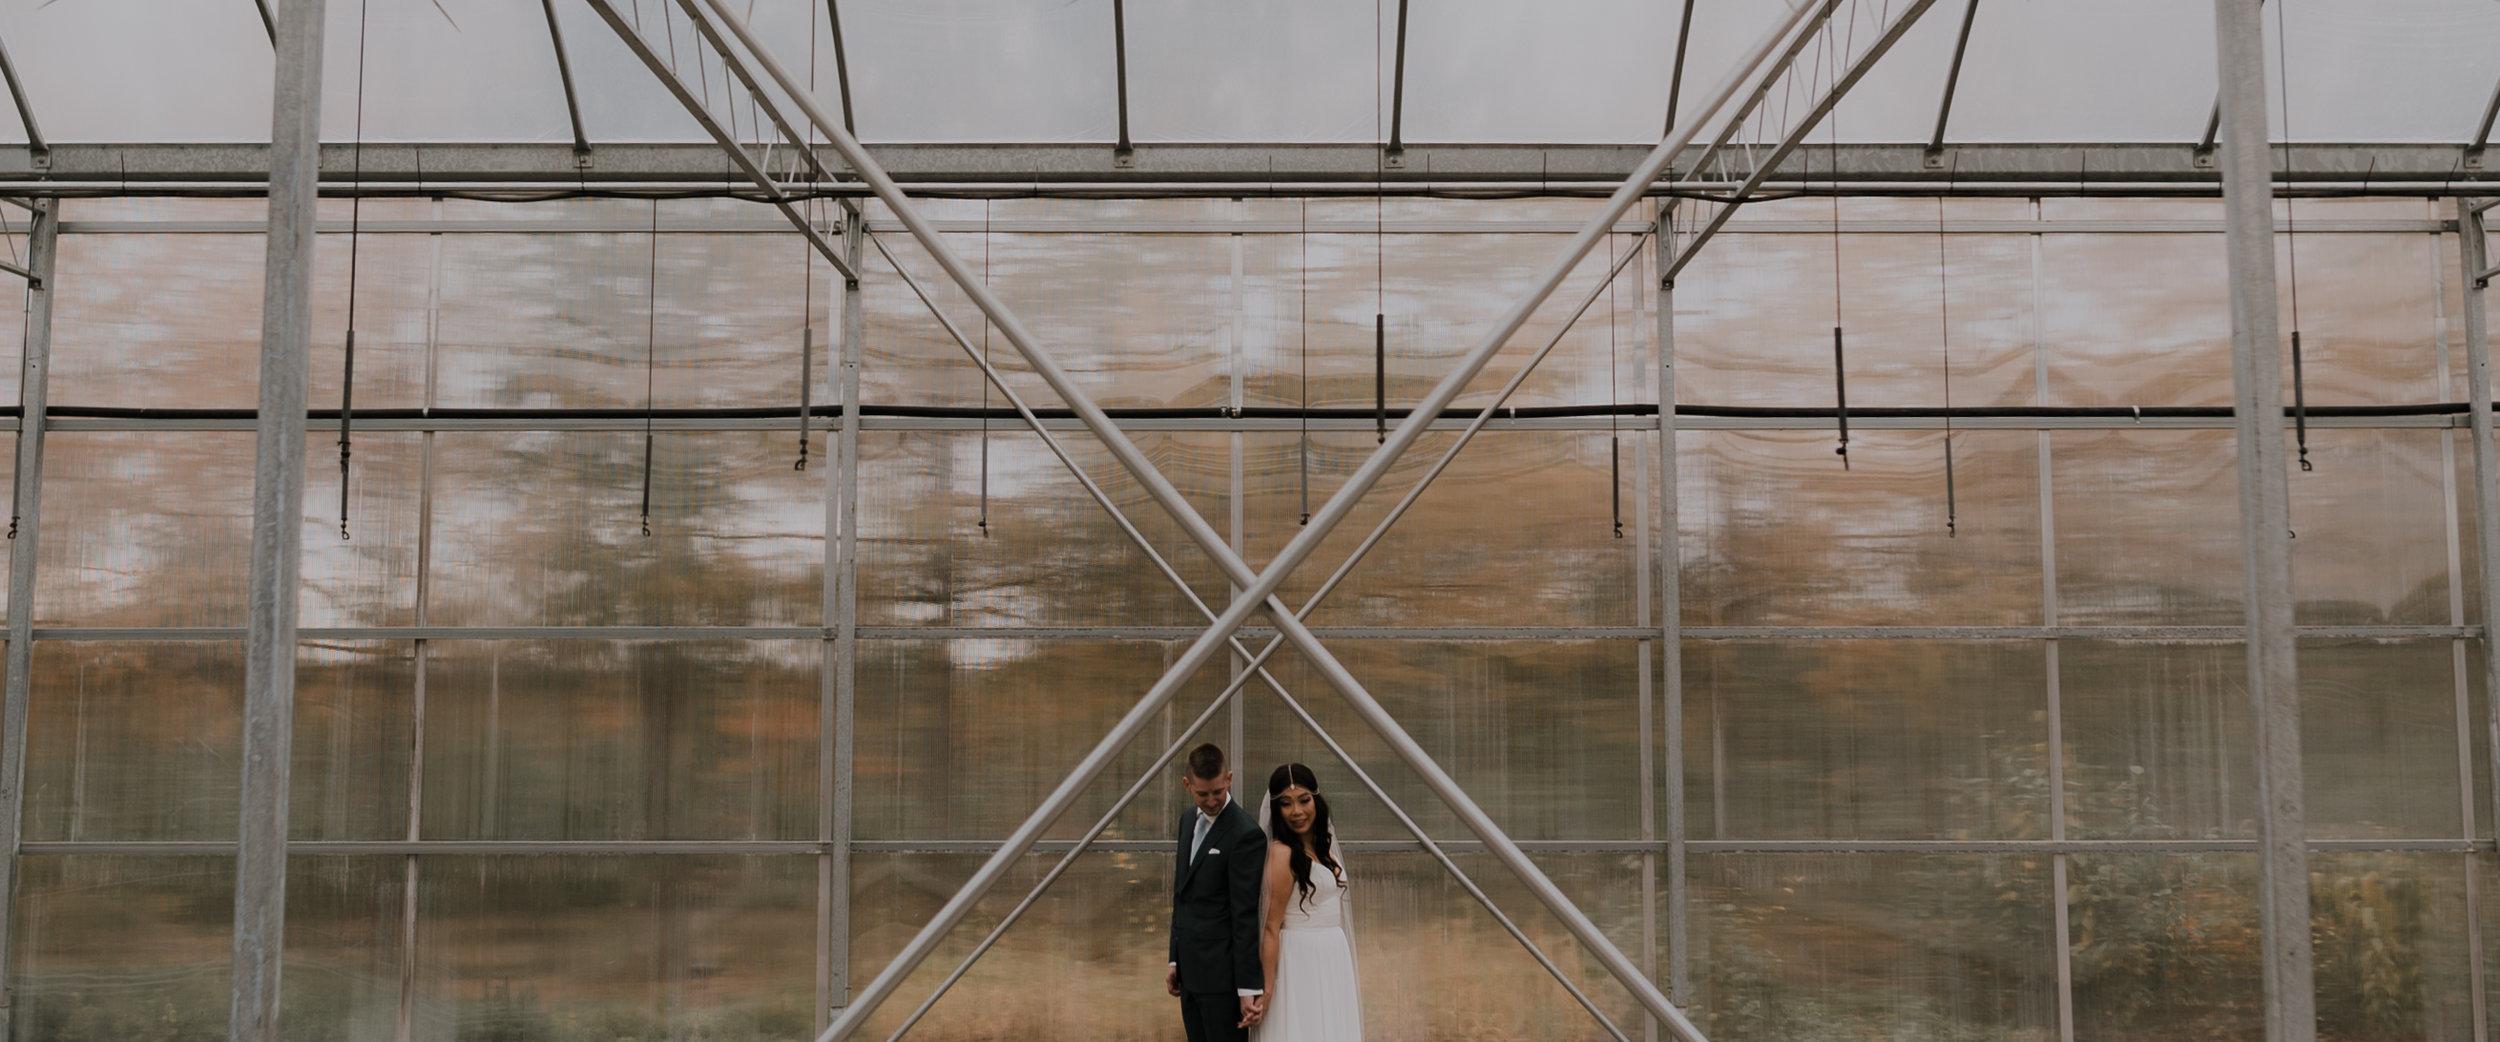 Saskatoon_Farm_Wedding.jpg